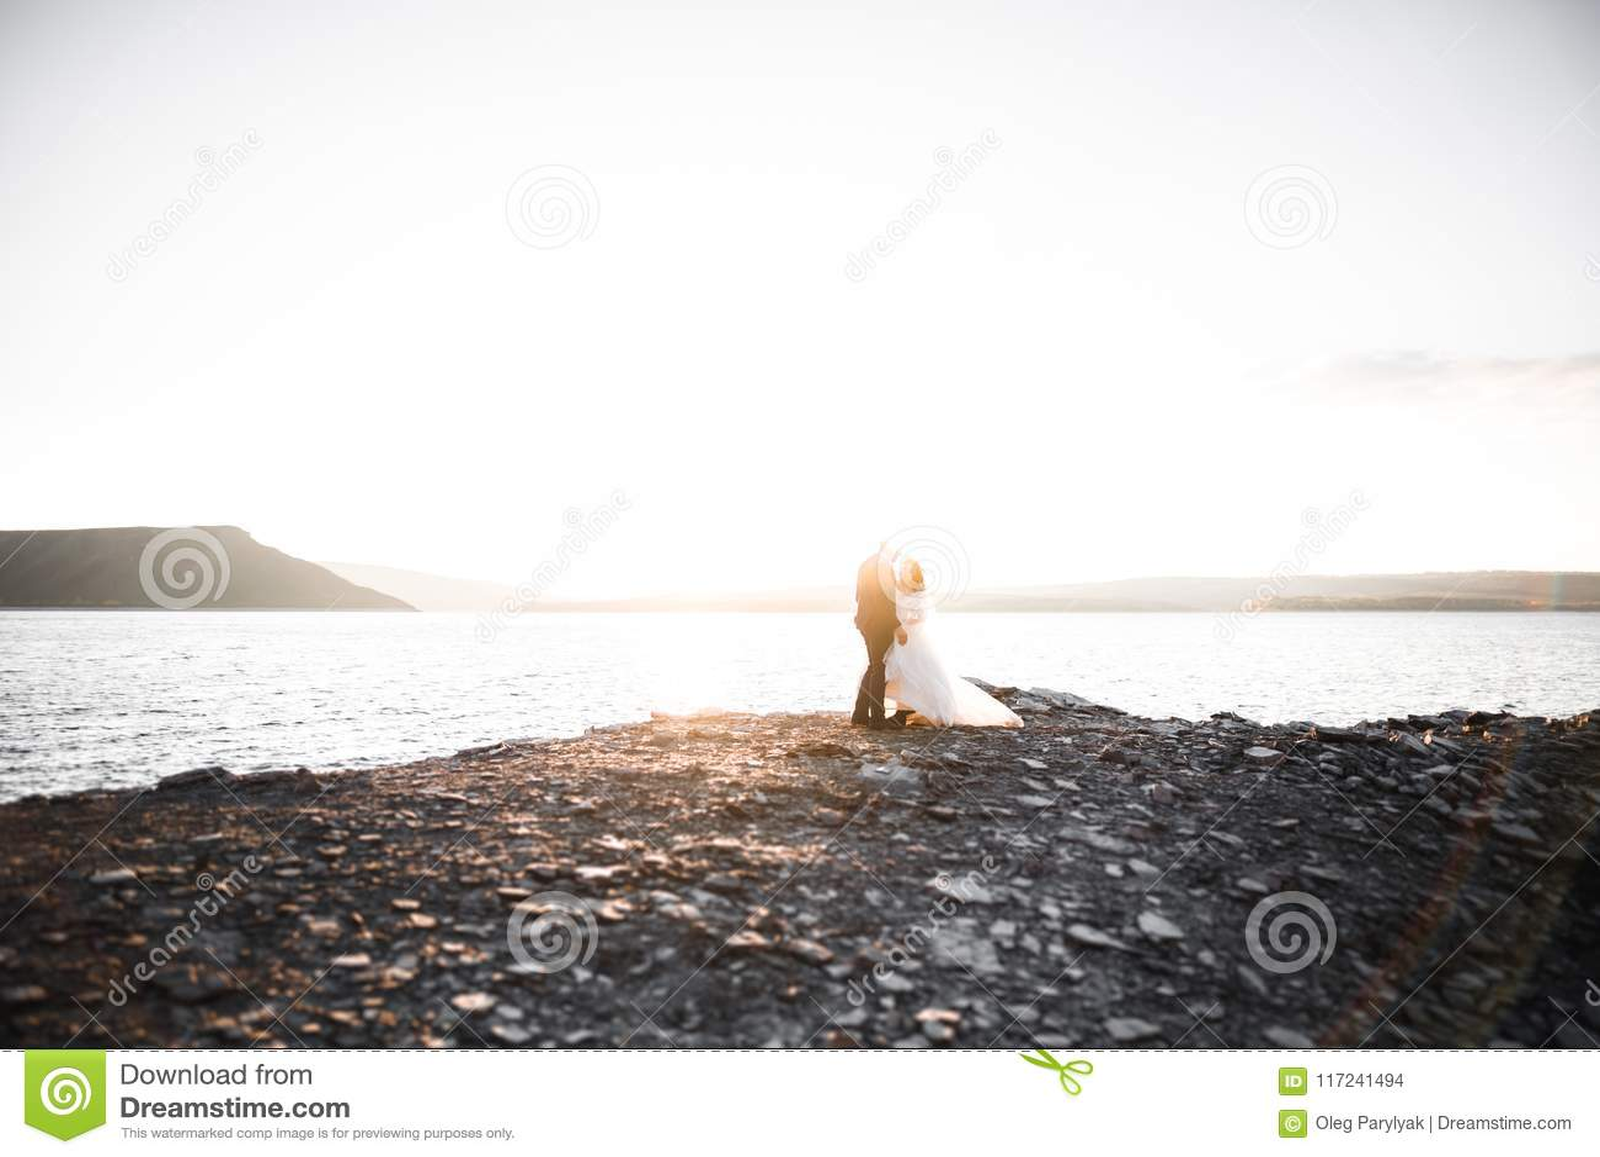 Glückliche und romantische Szene gerade von den verheirateten jungen Hochzeitspaaren, die auf schönem Strand aufwerfen